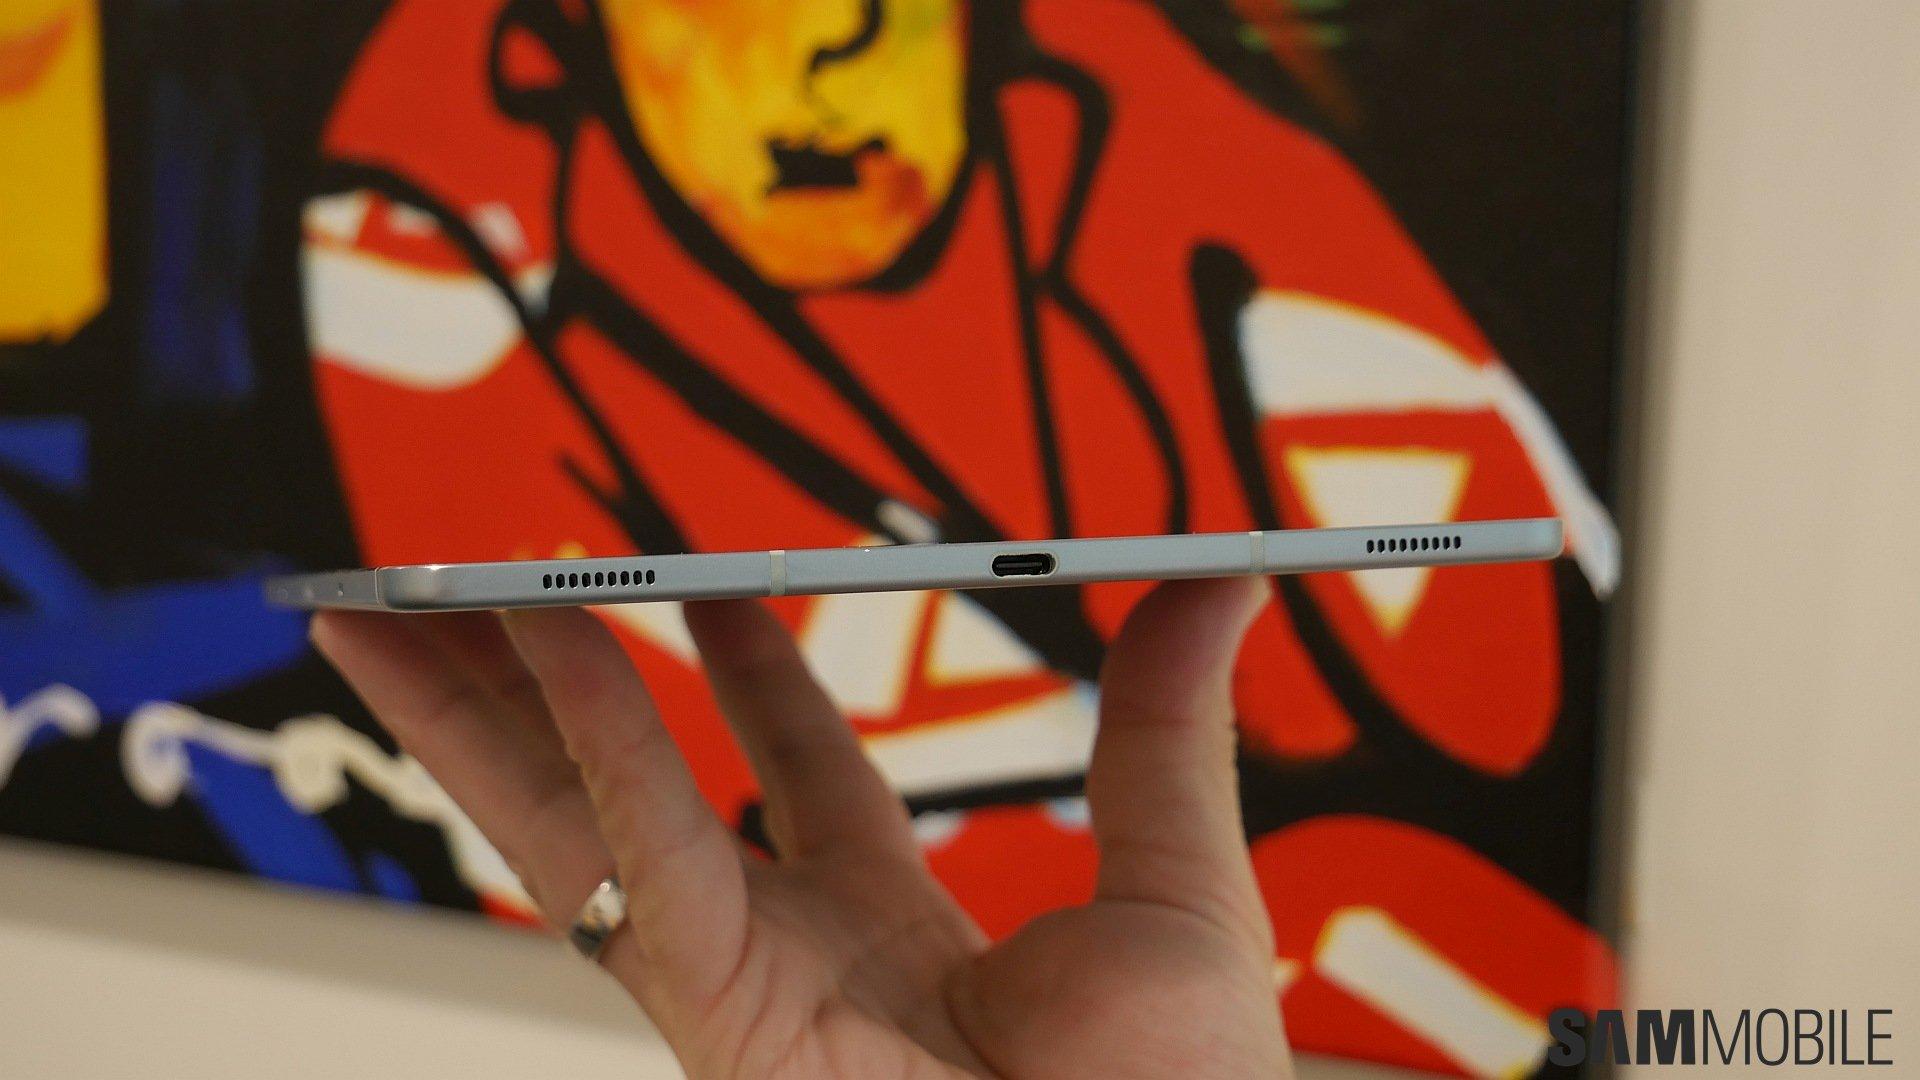 Samsung Galaxy Đánh giá Tab S6: máy tính bảng Android tốt nhất năm 2019 4